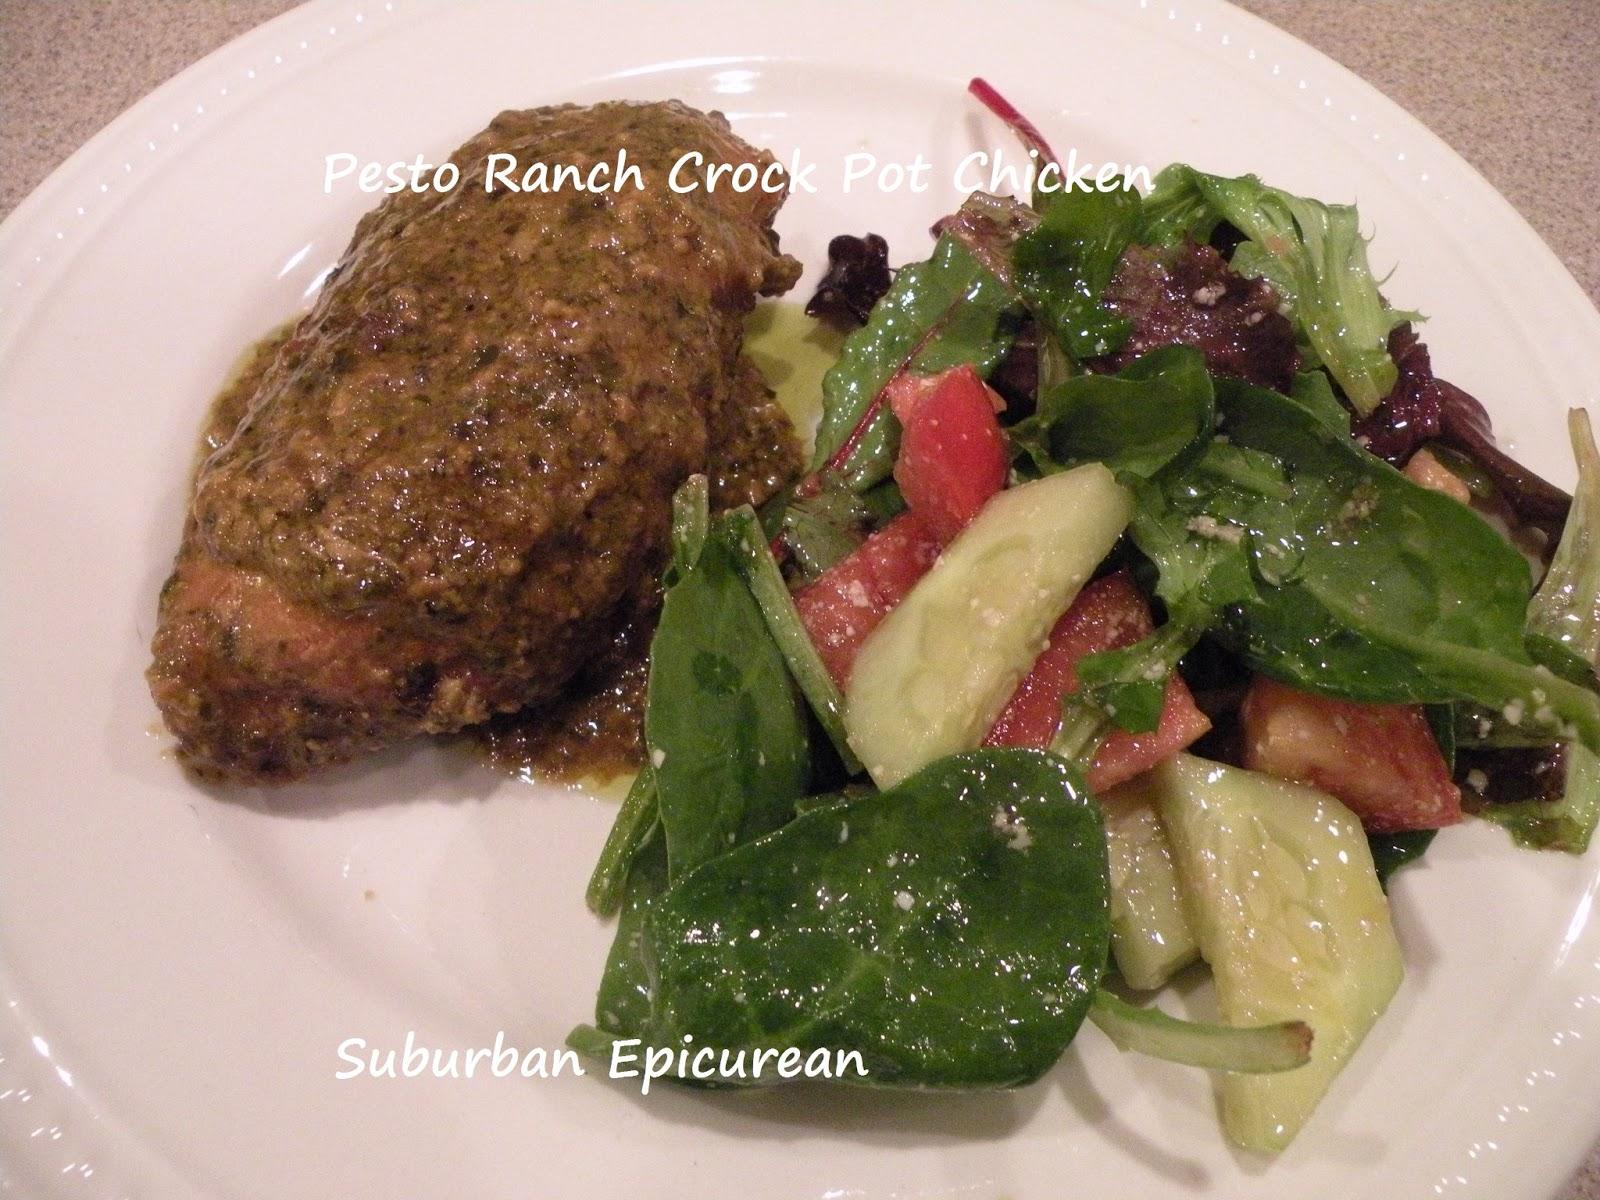 Suburban Epicurean: Pesto Ranch Crock Pot Chicken